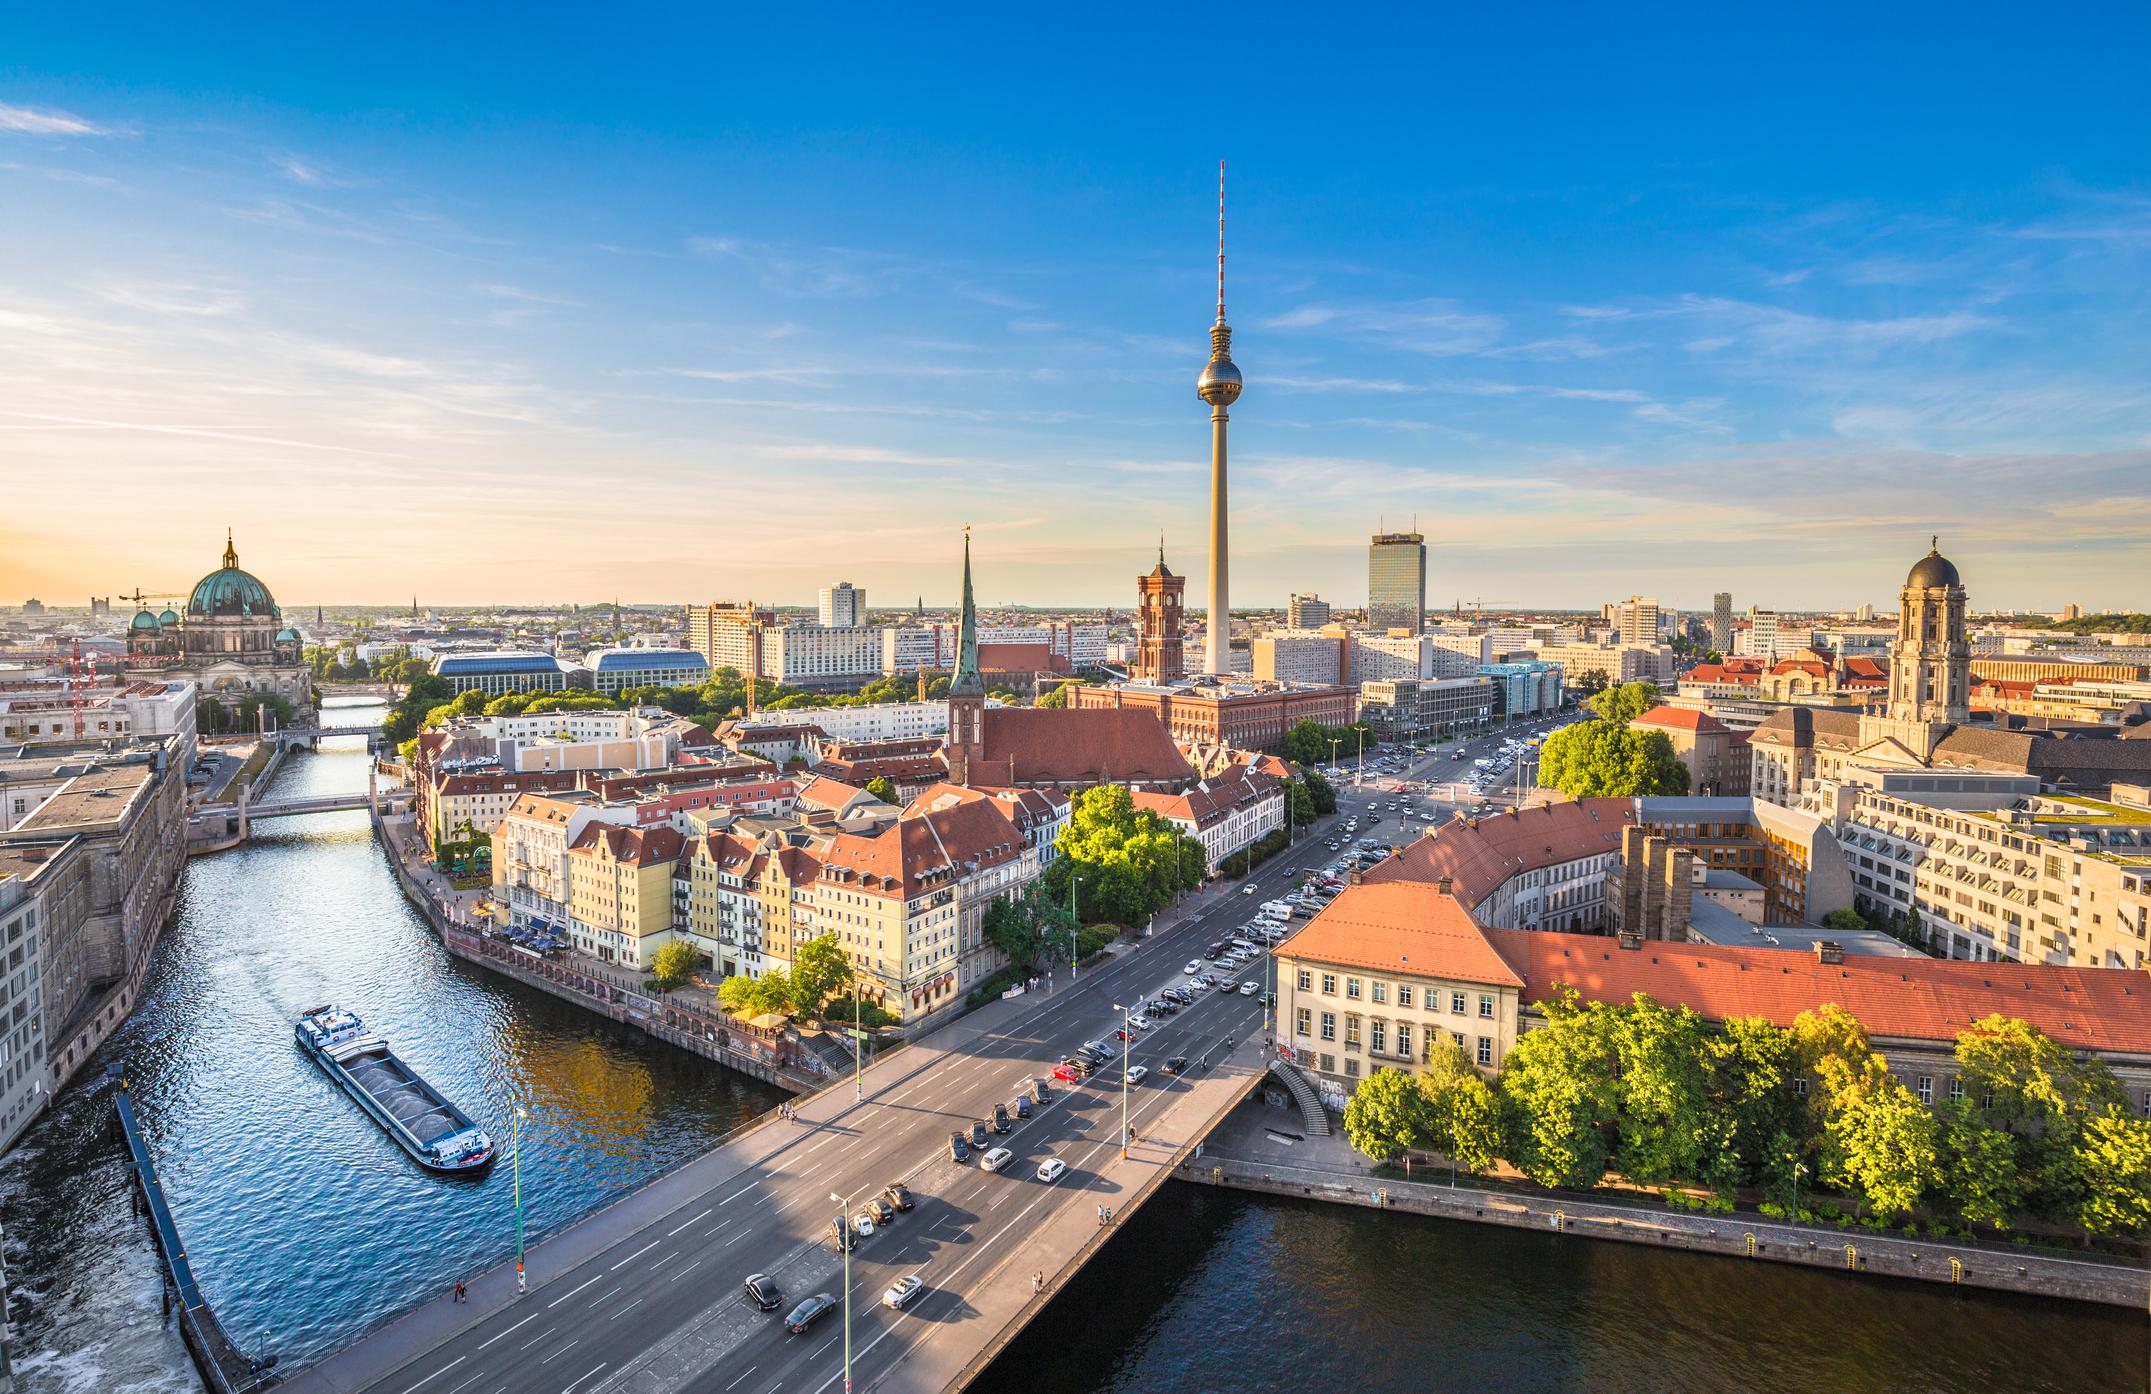 ВГермания и Австриясмятат 1 април за нещастен ден, а хората, родени на него, за хора без късмет.